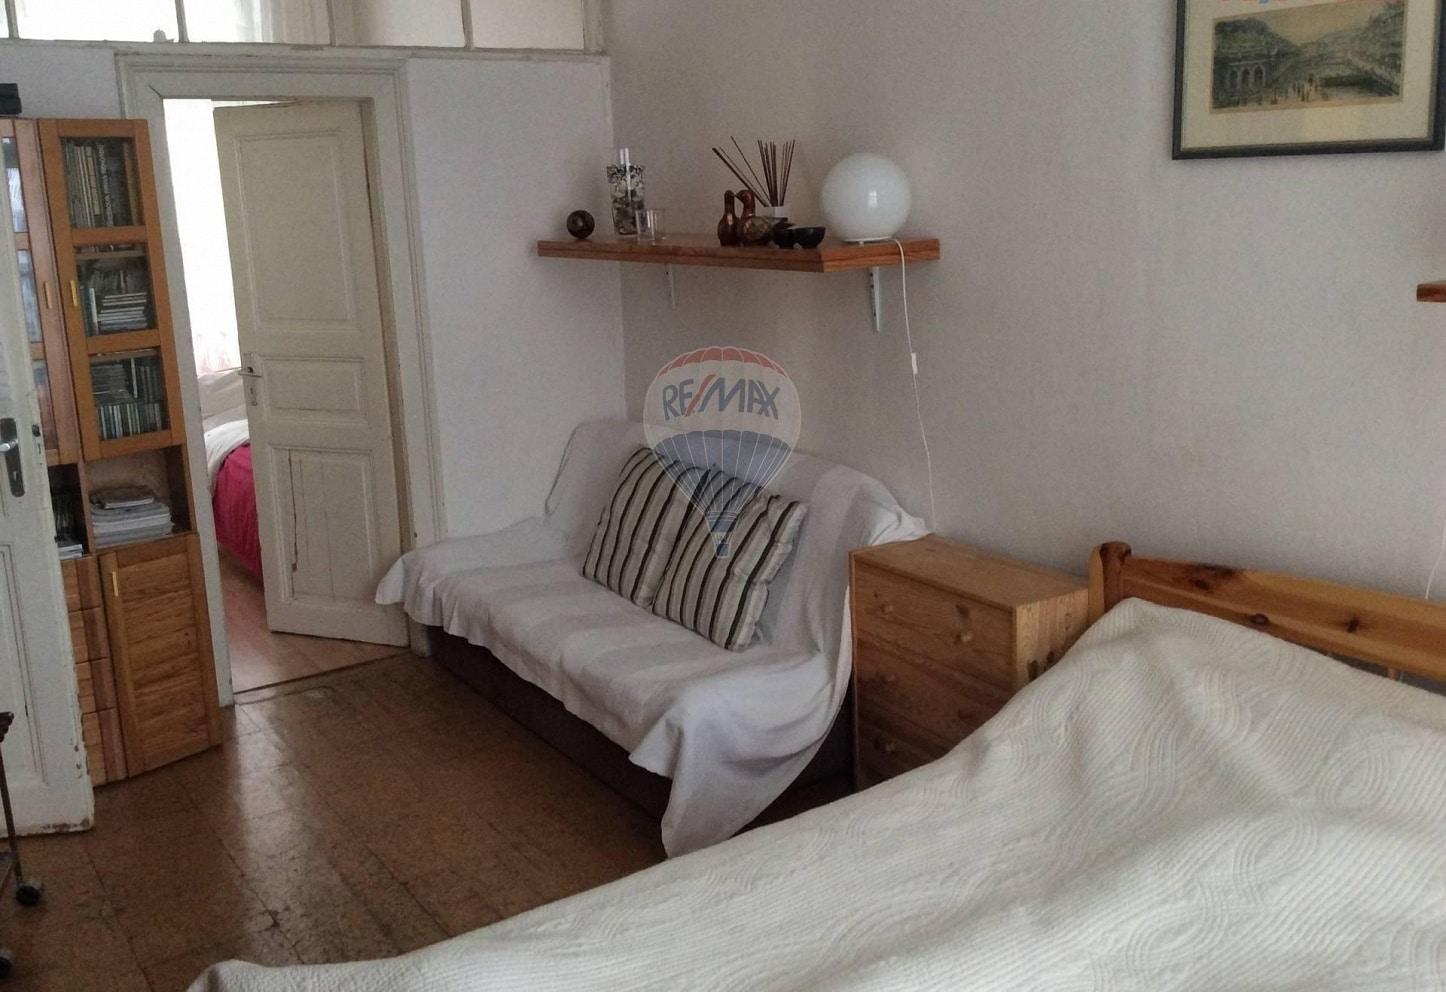 דירת 3 חדרים למכירה בפראג 1 על 78 מר (2)